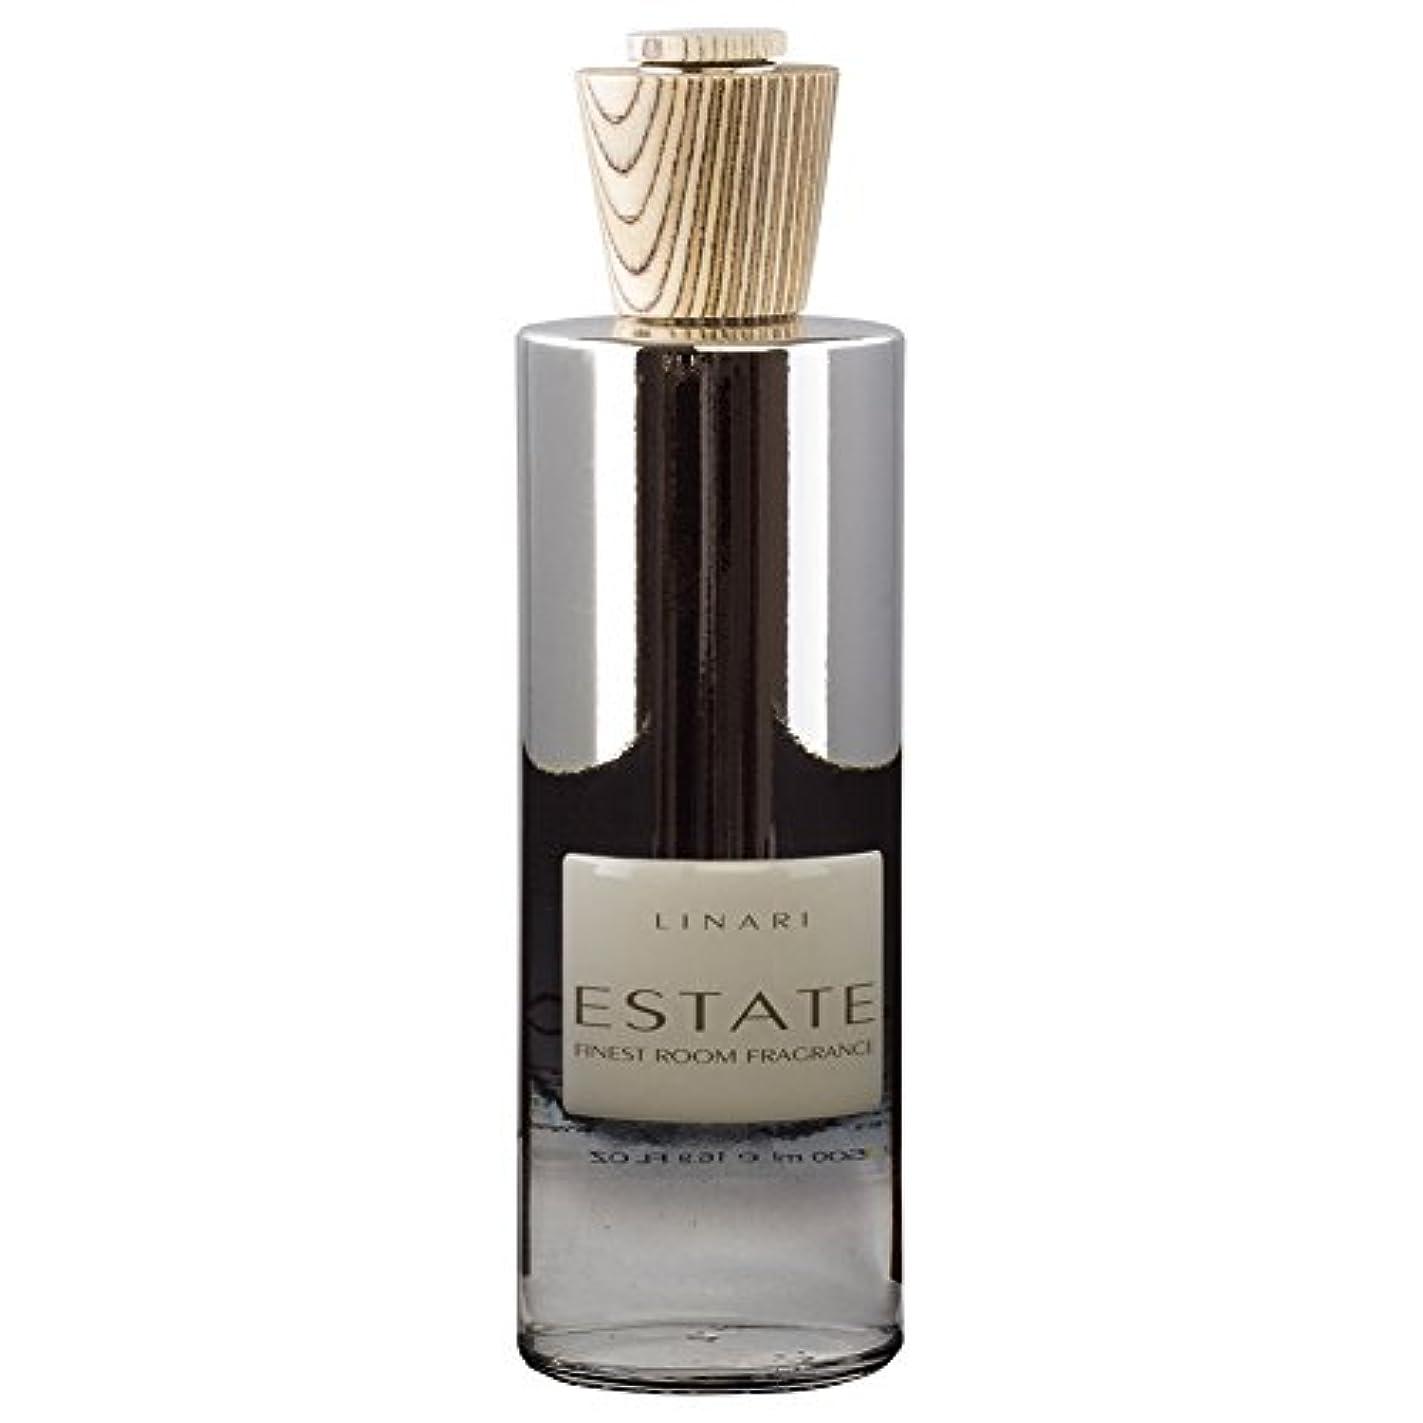 洞察力のある添加剤解放するLinari [ リナーリ ] Diffusers ディフューザー エスタータ Clear クリア 6195007 アロマフレグランス 香り [並行輸入品]